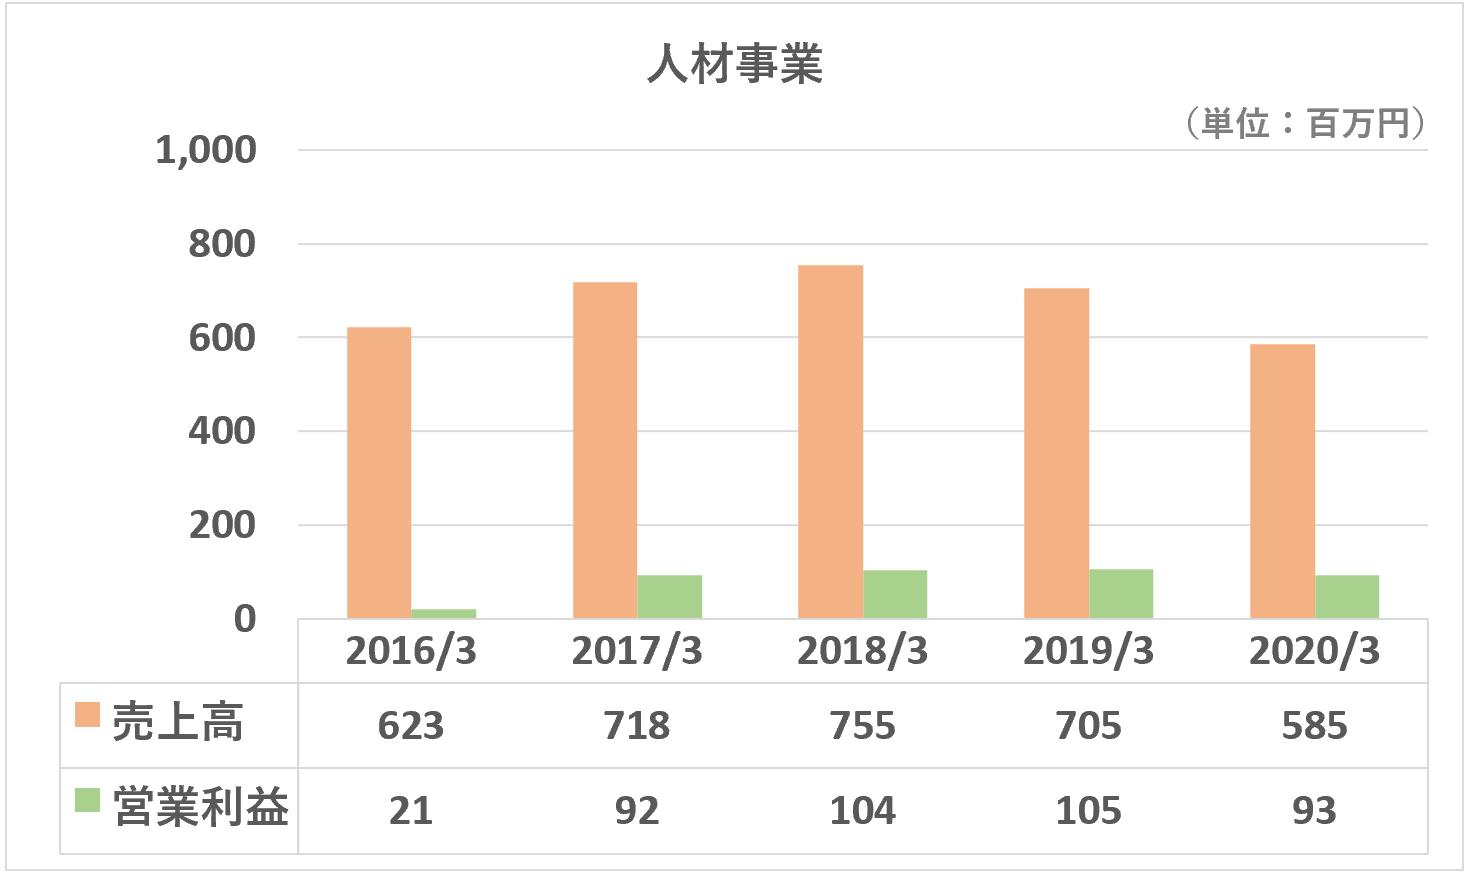 TAC売上高営業利益推移(人材事業)